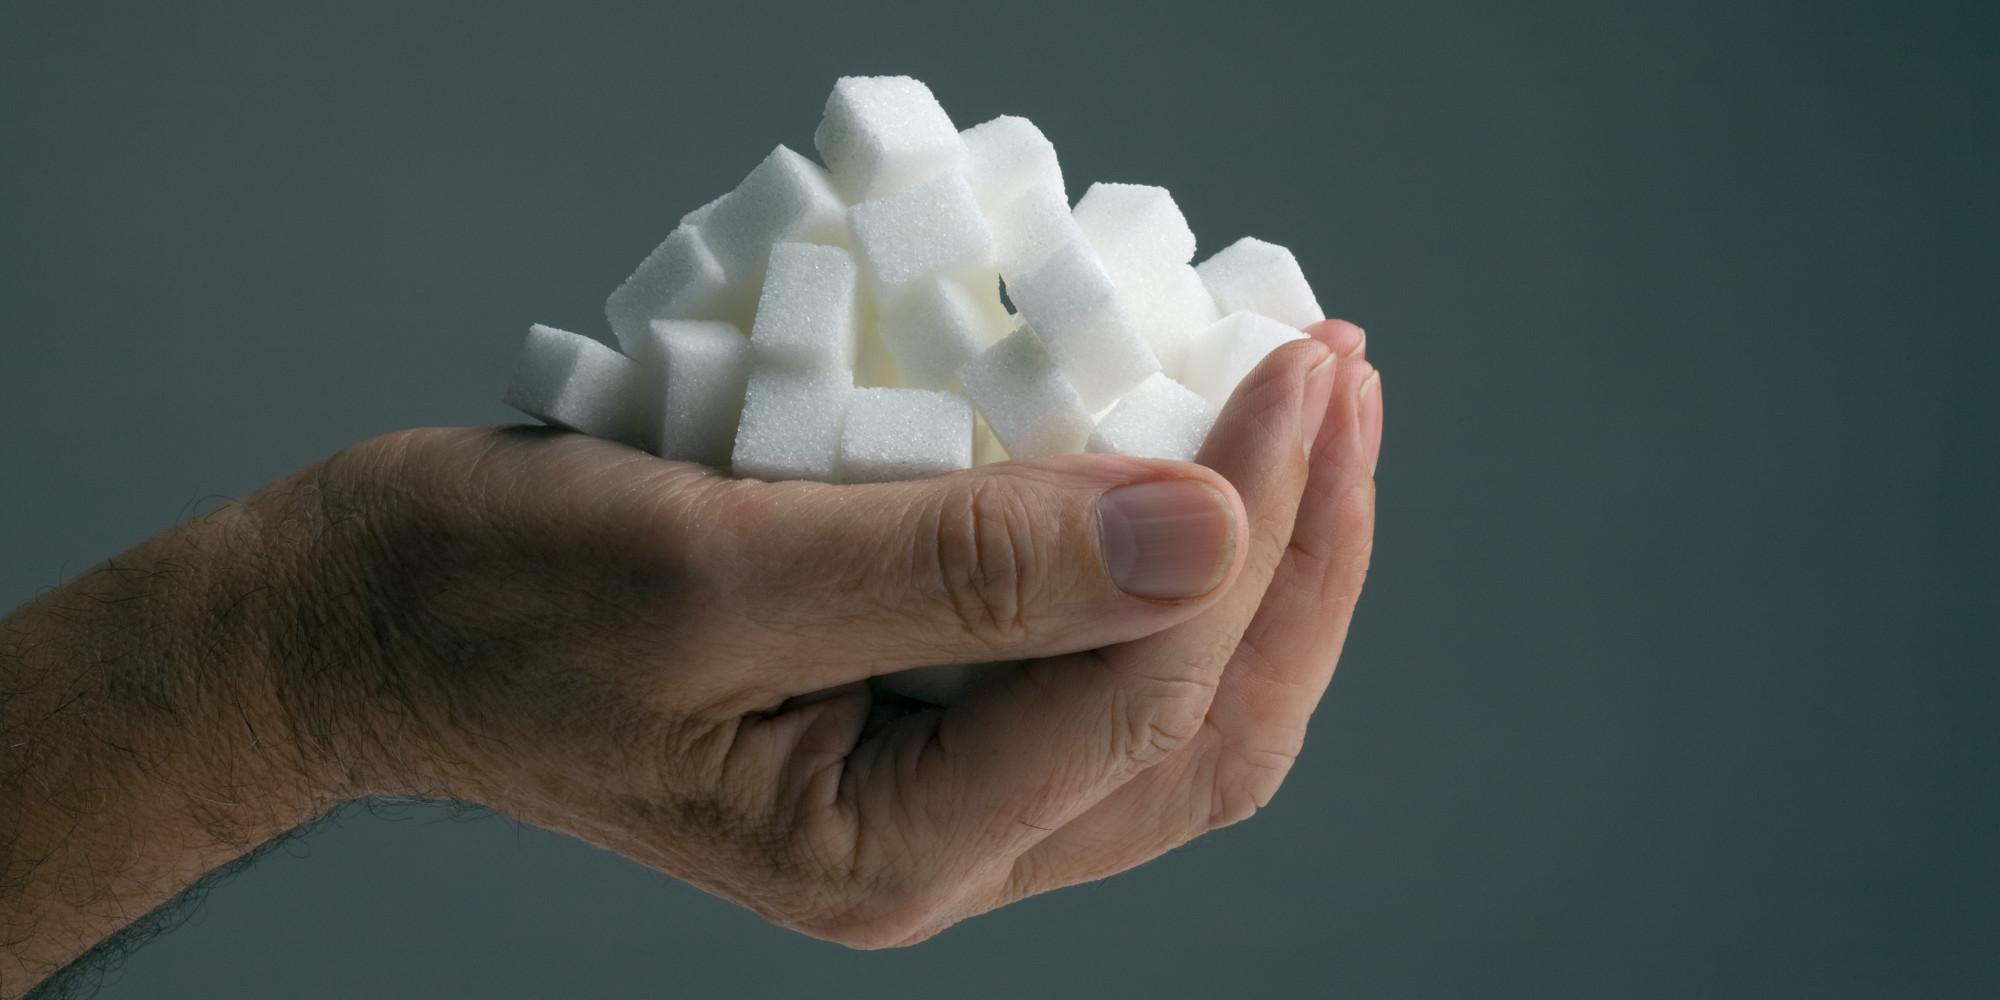 Как получить сахар своими руками